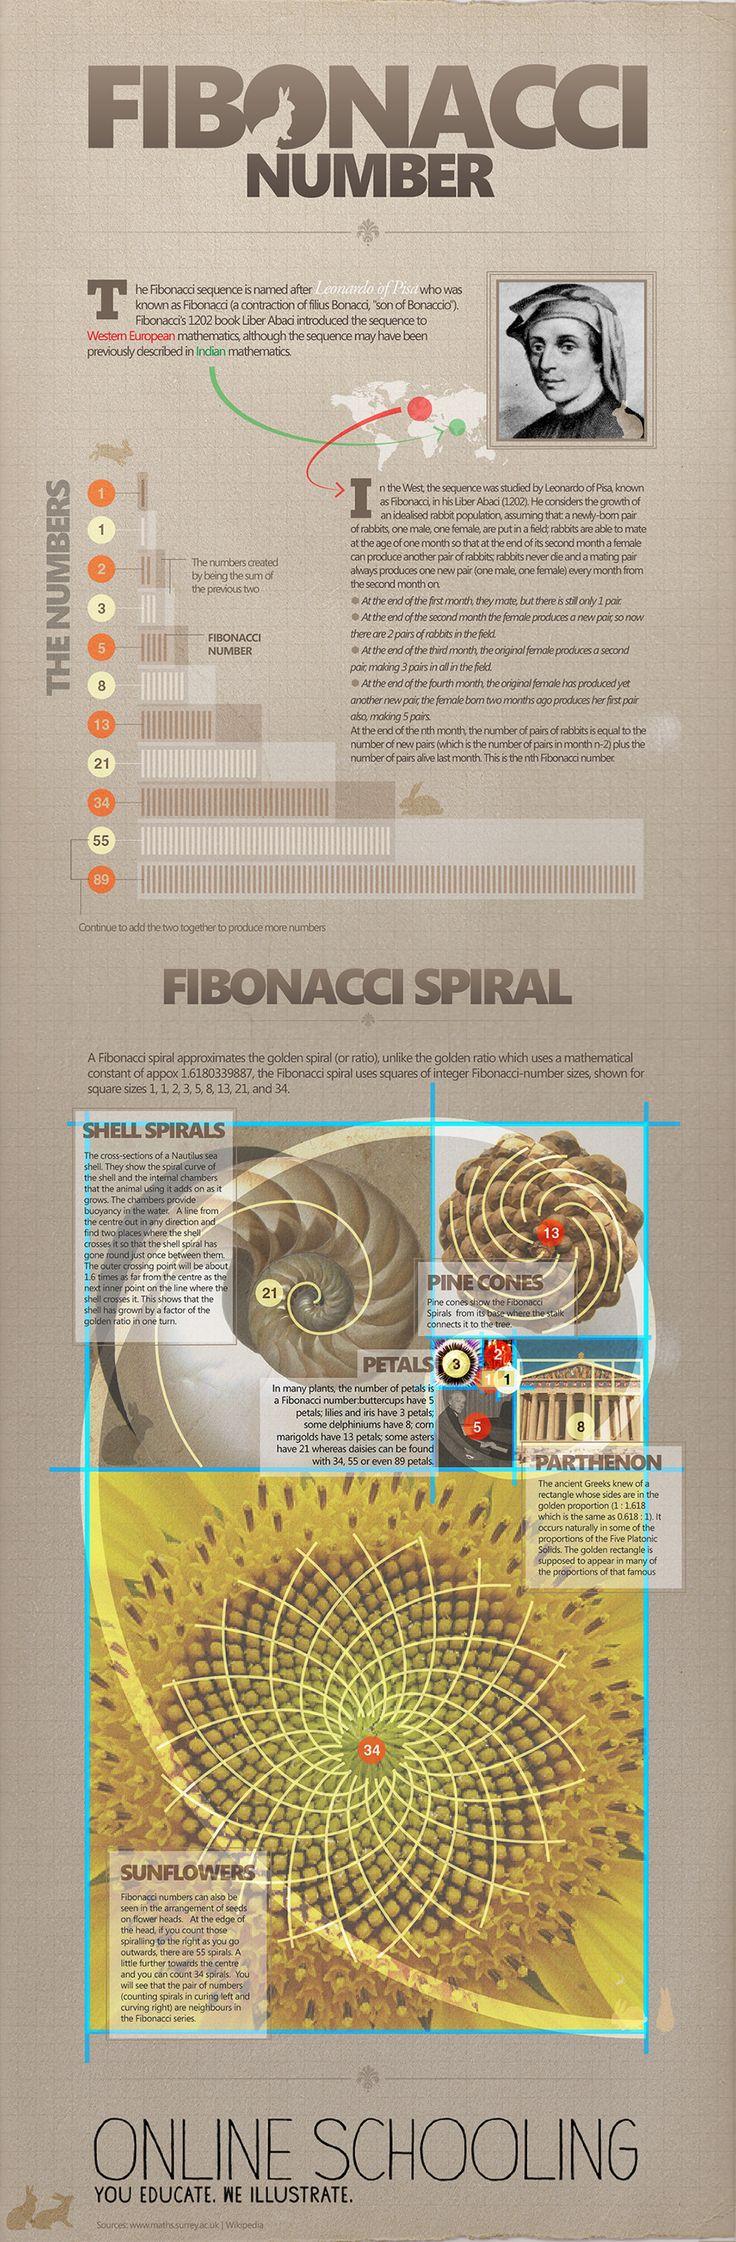 Le nombre de Fibonacci infographié. Désormais, les maths sont belles même pour ceux qui n'aiment pas.